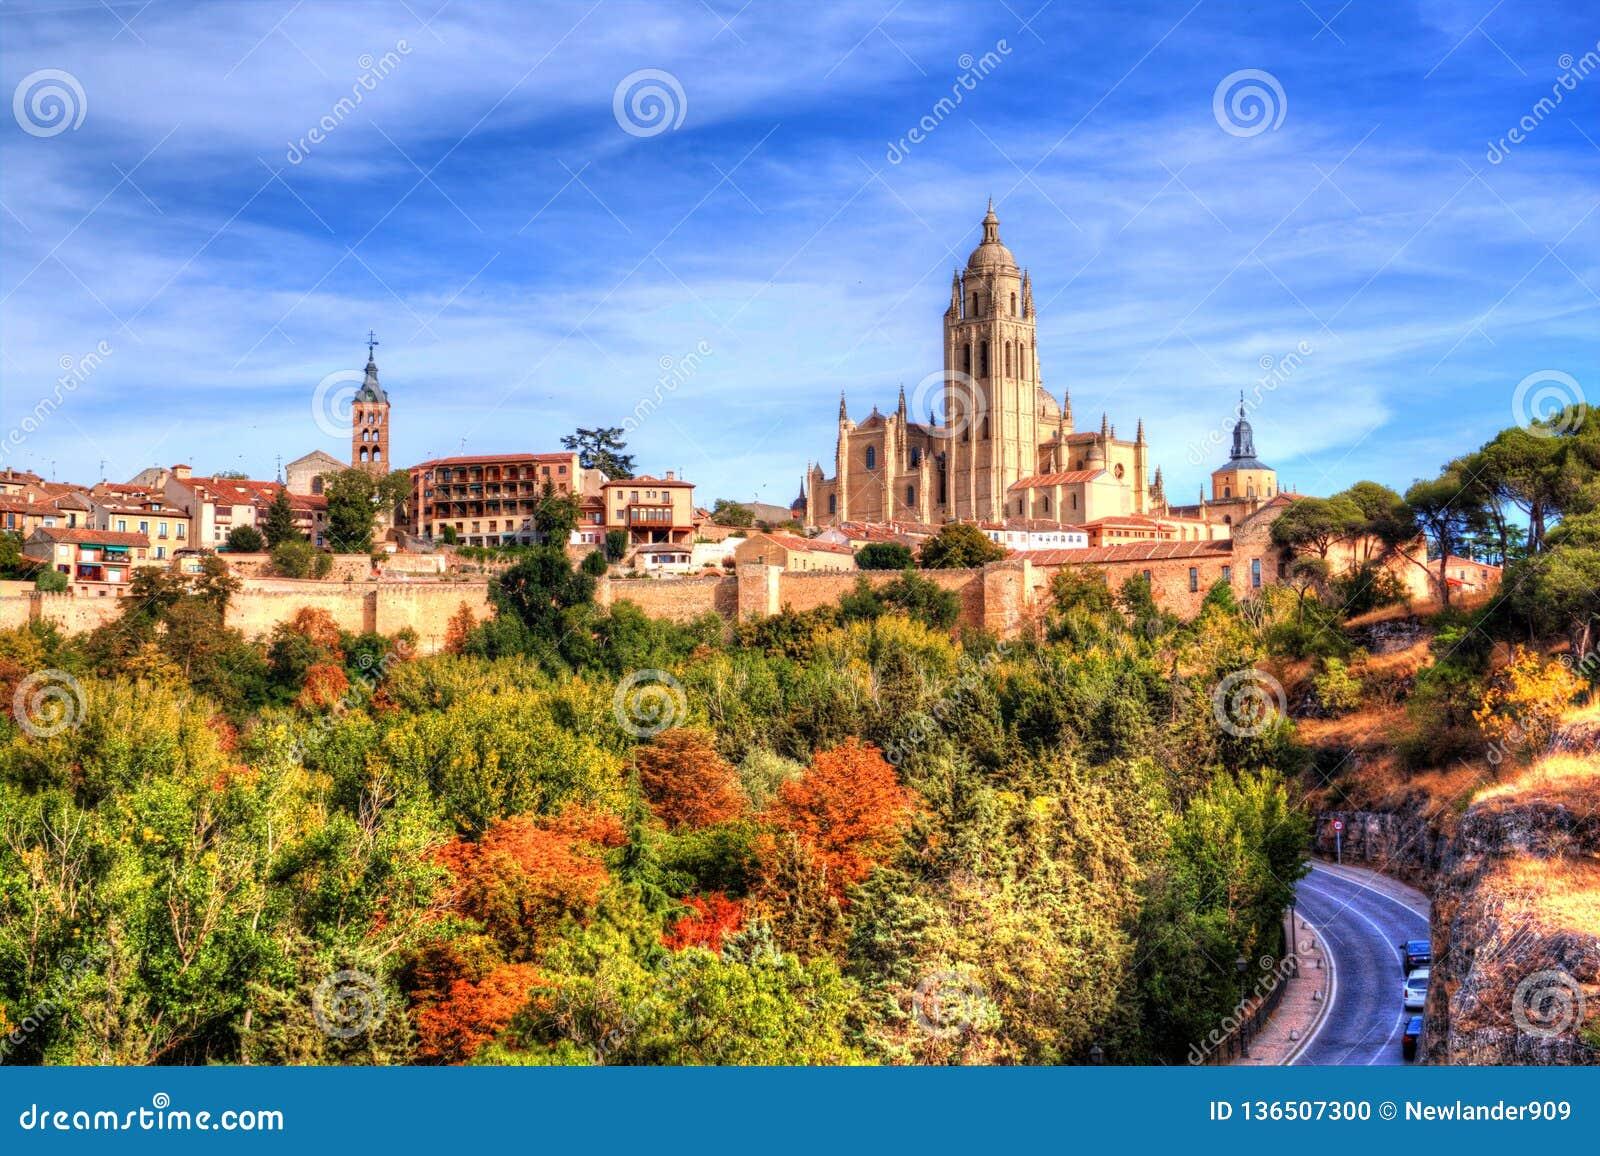 Segovia, Espagne Vue au-dessus de la ville avec sa cathédrale et murs médiévaux